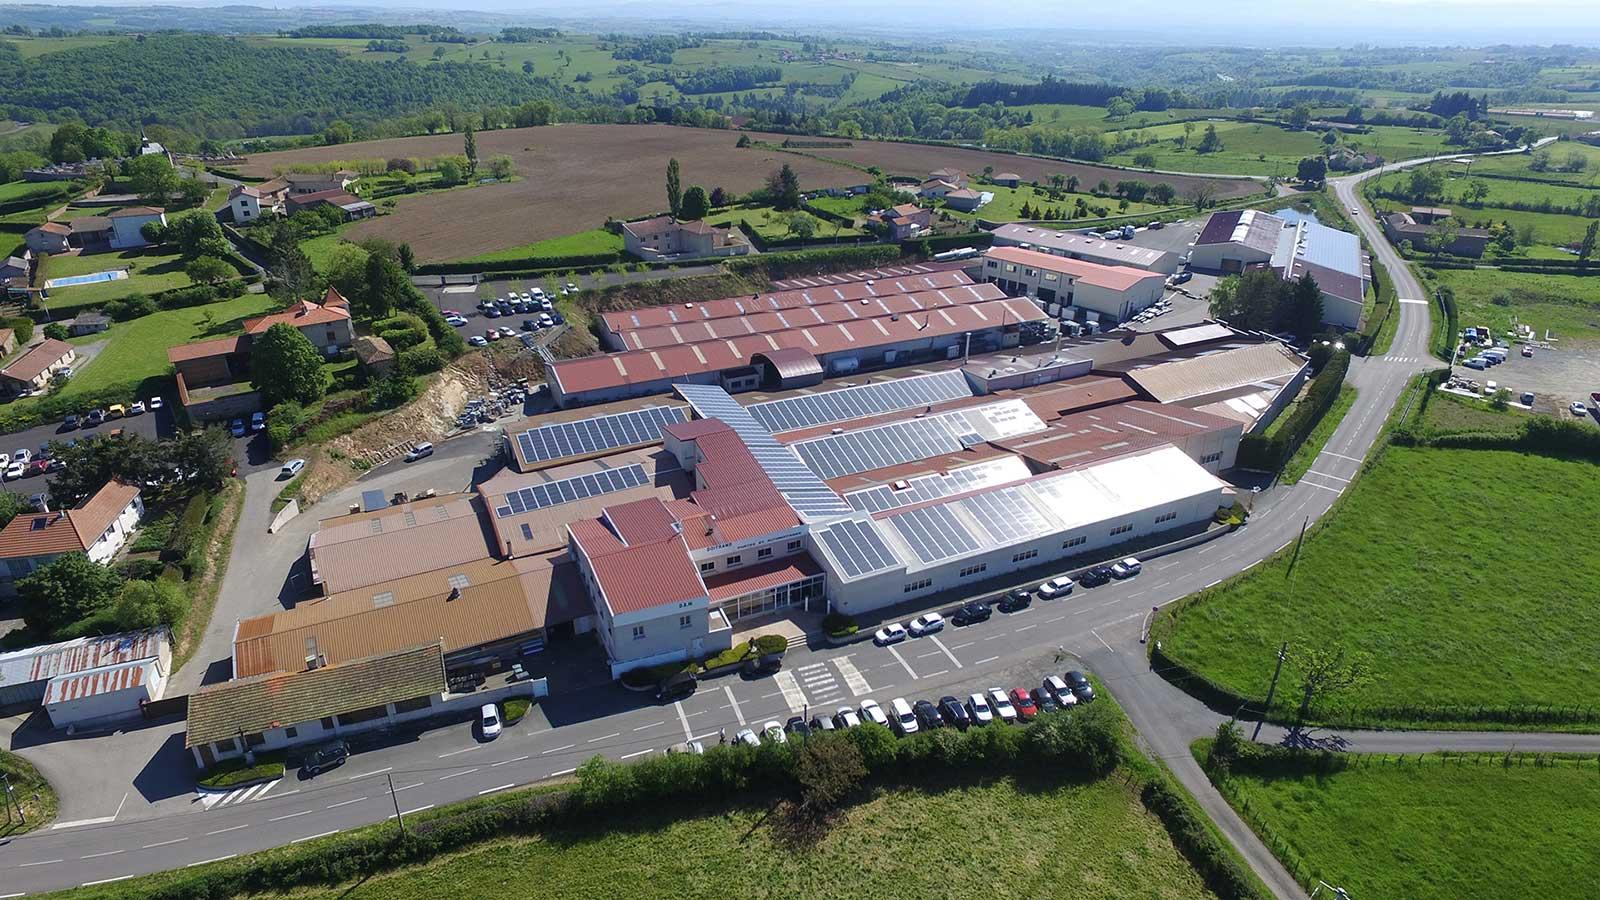 vue aérienne de l'usine Doitrand Portalux Portaleco